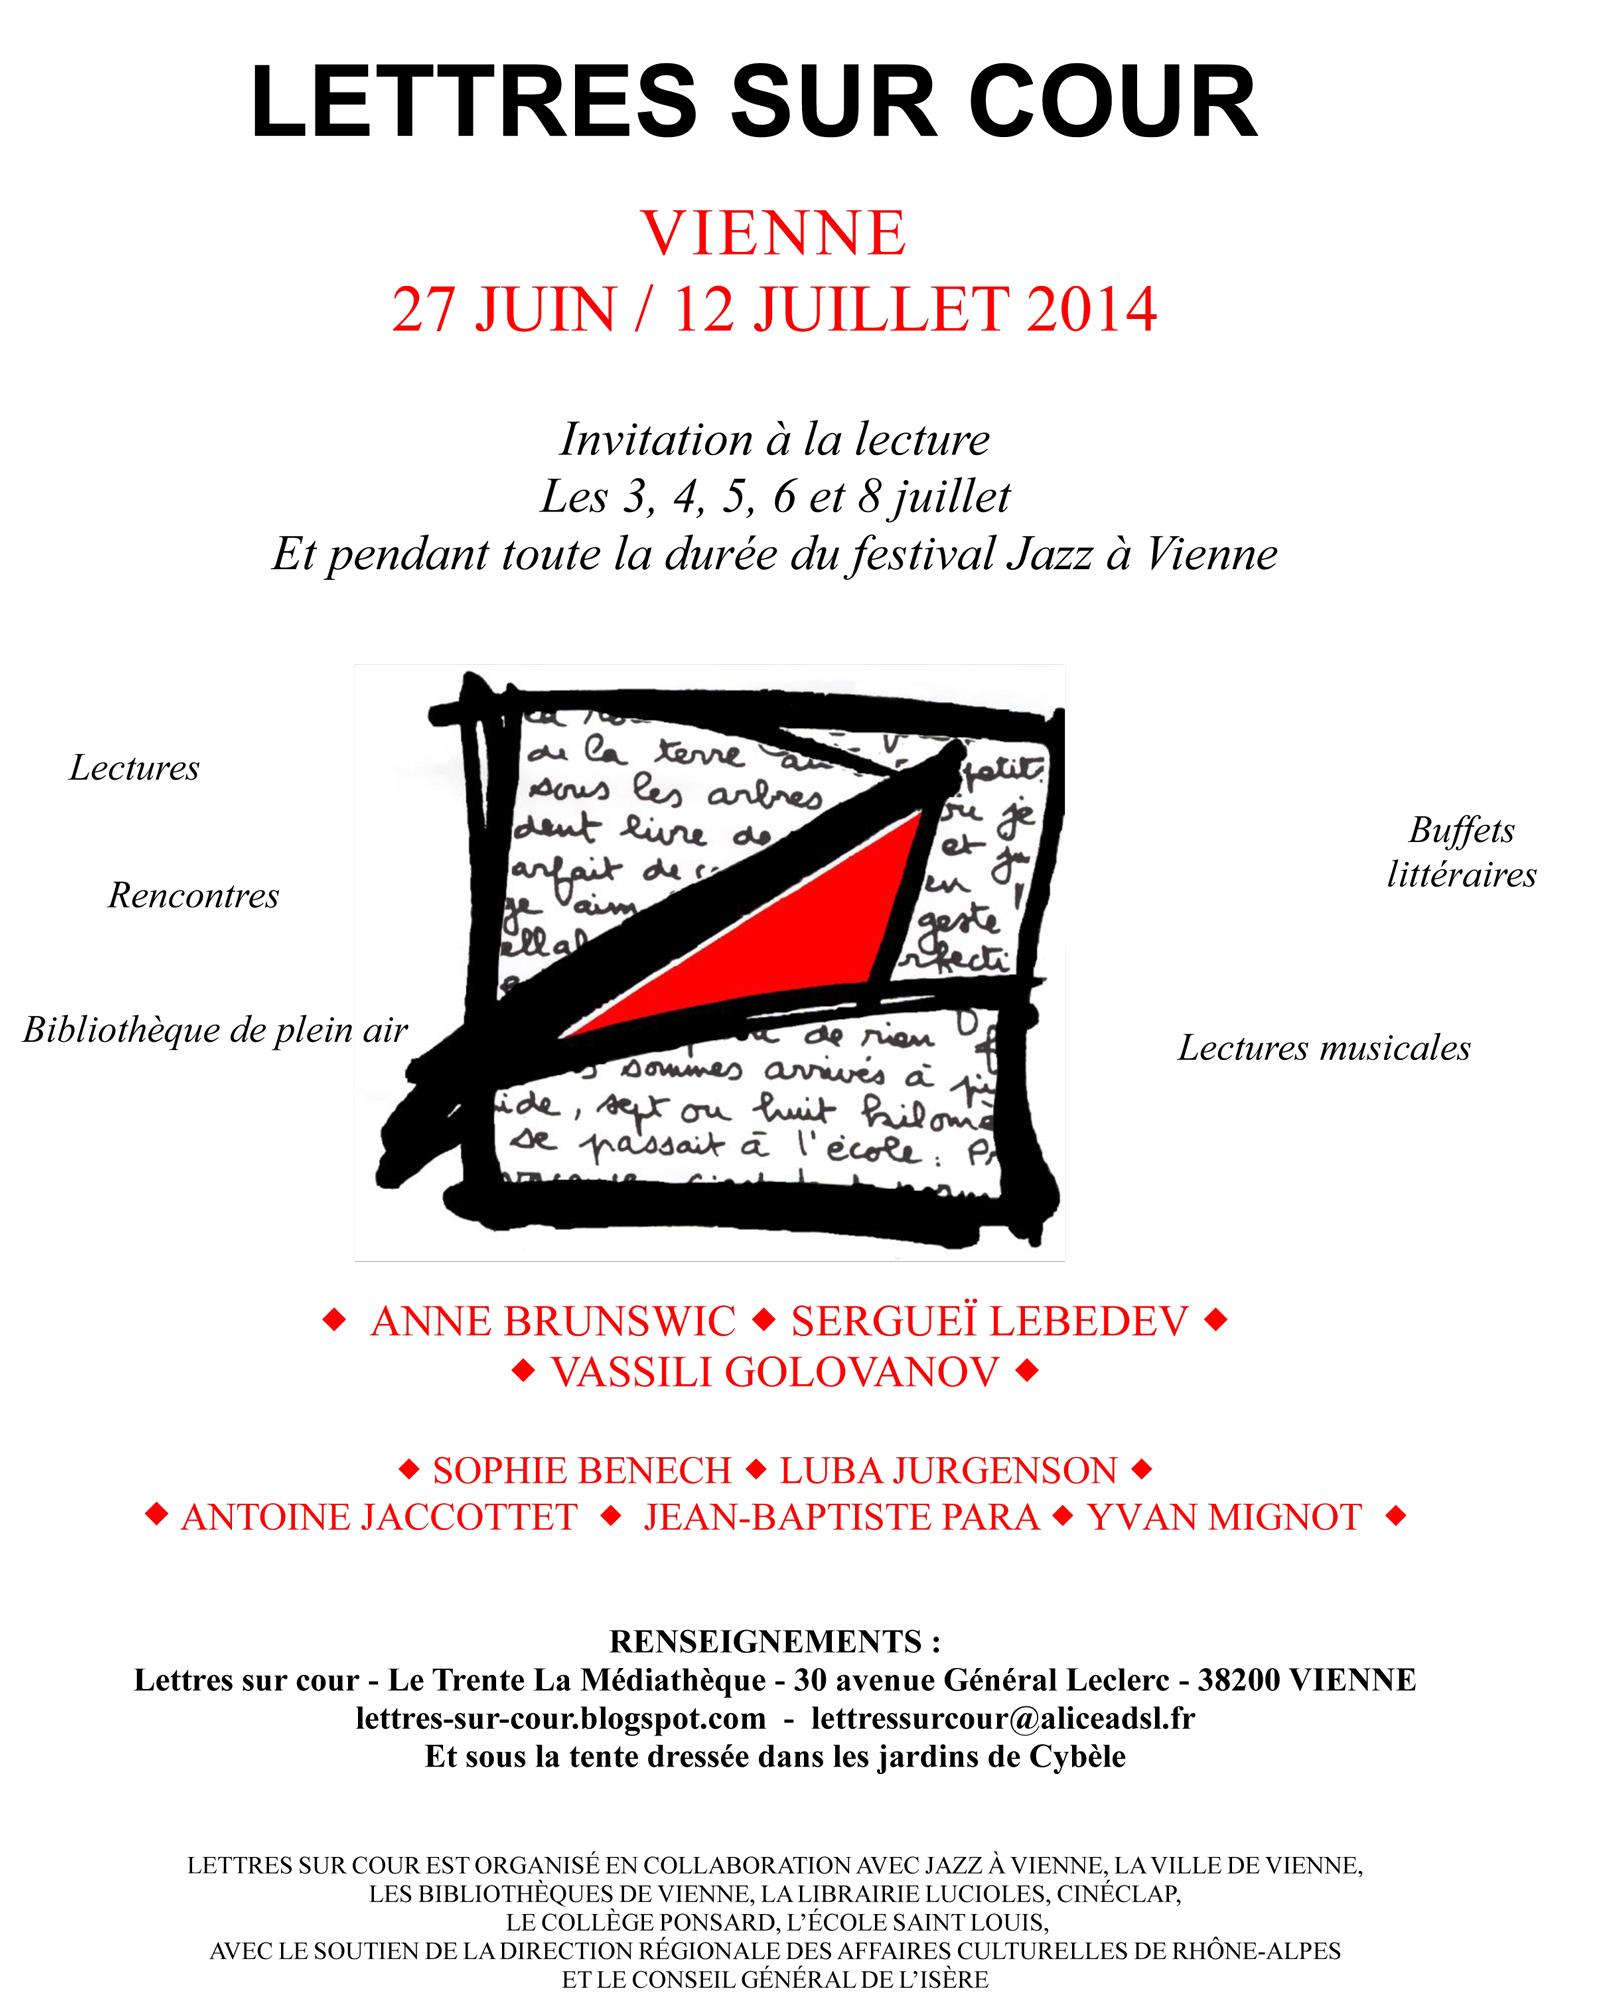 Lettres_sur_cour_2014